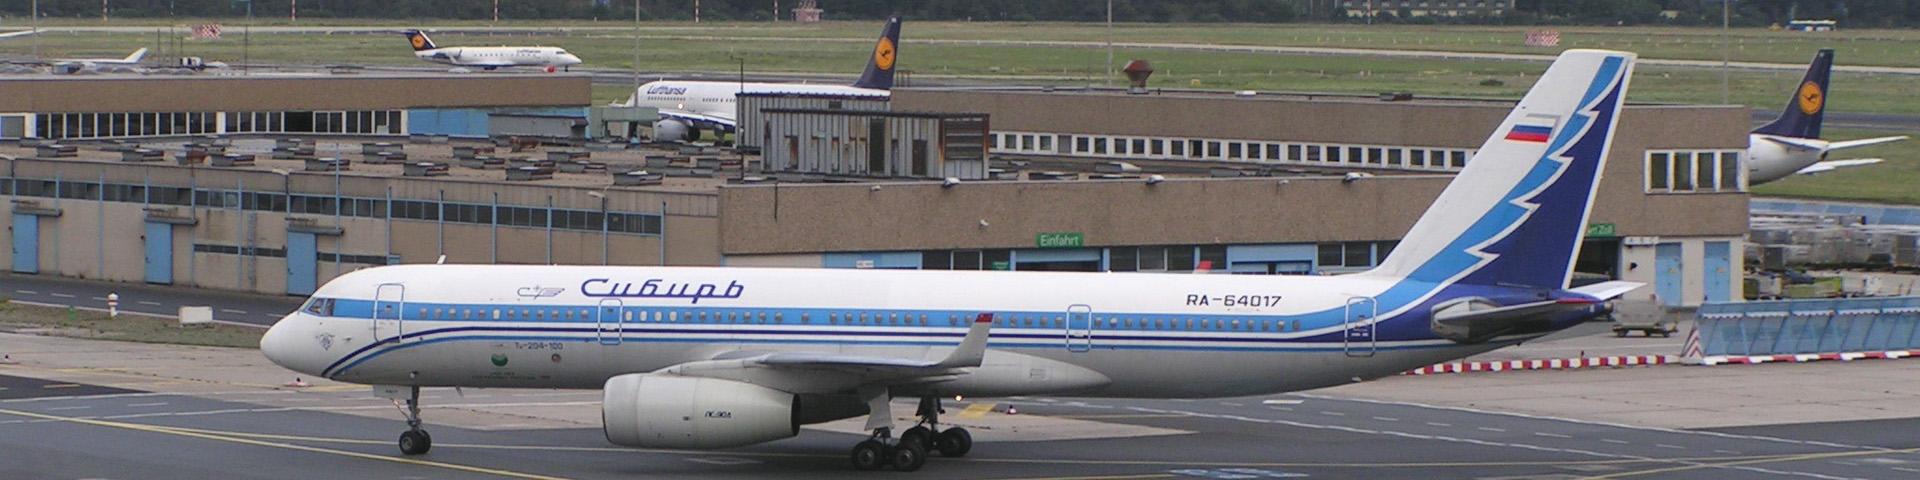 Ту-204 S7